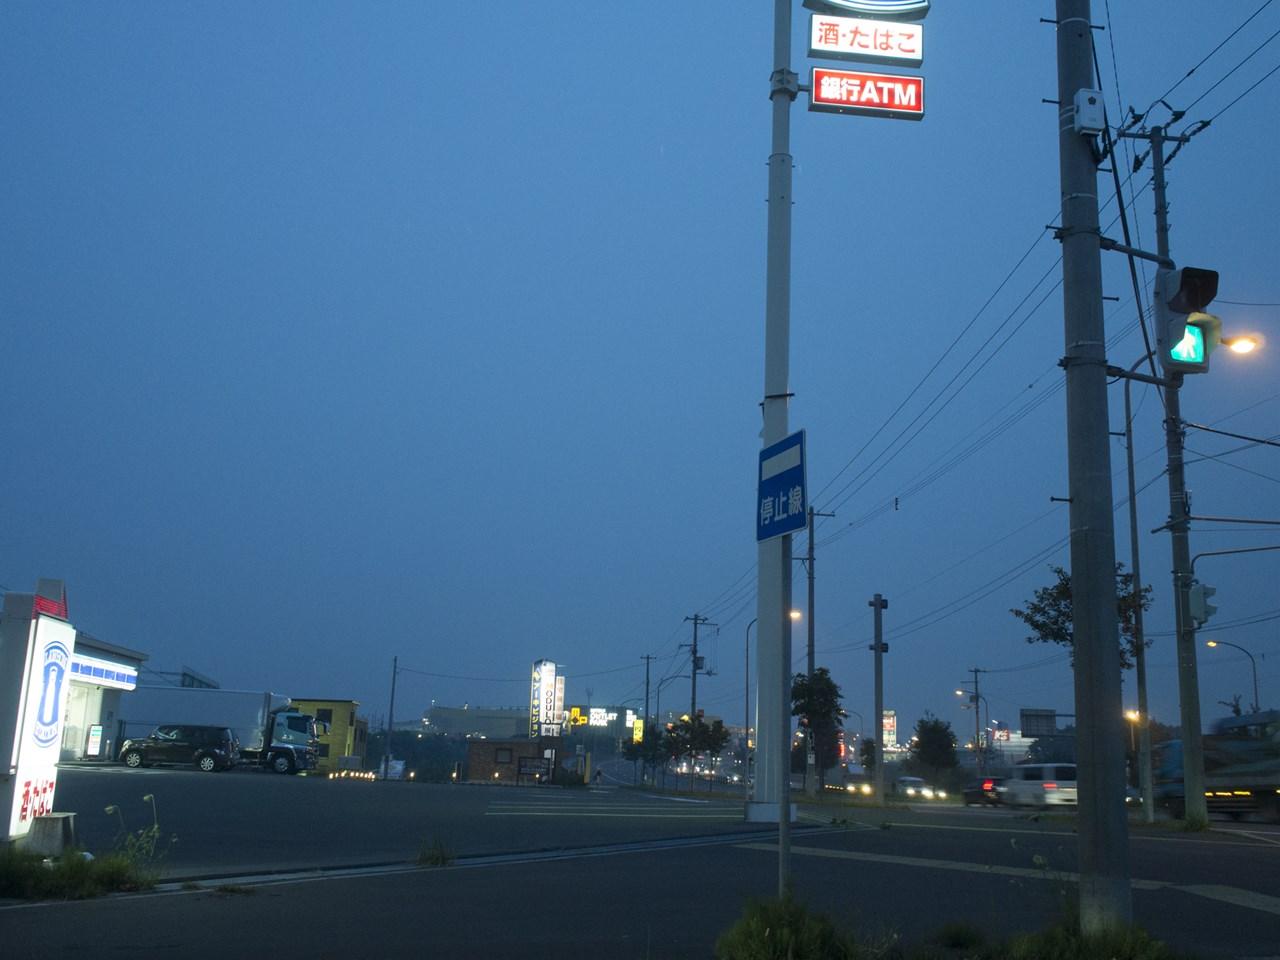 日没後のドライブ風景